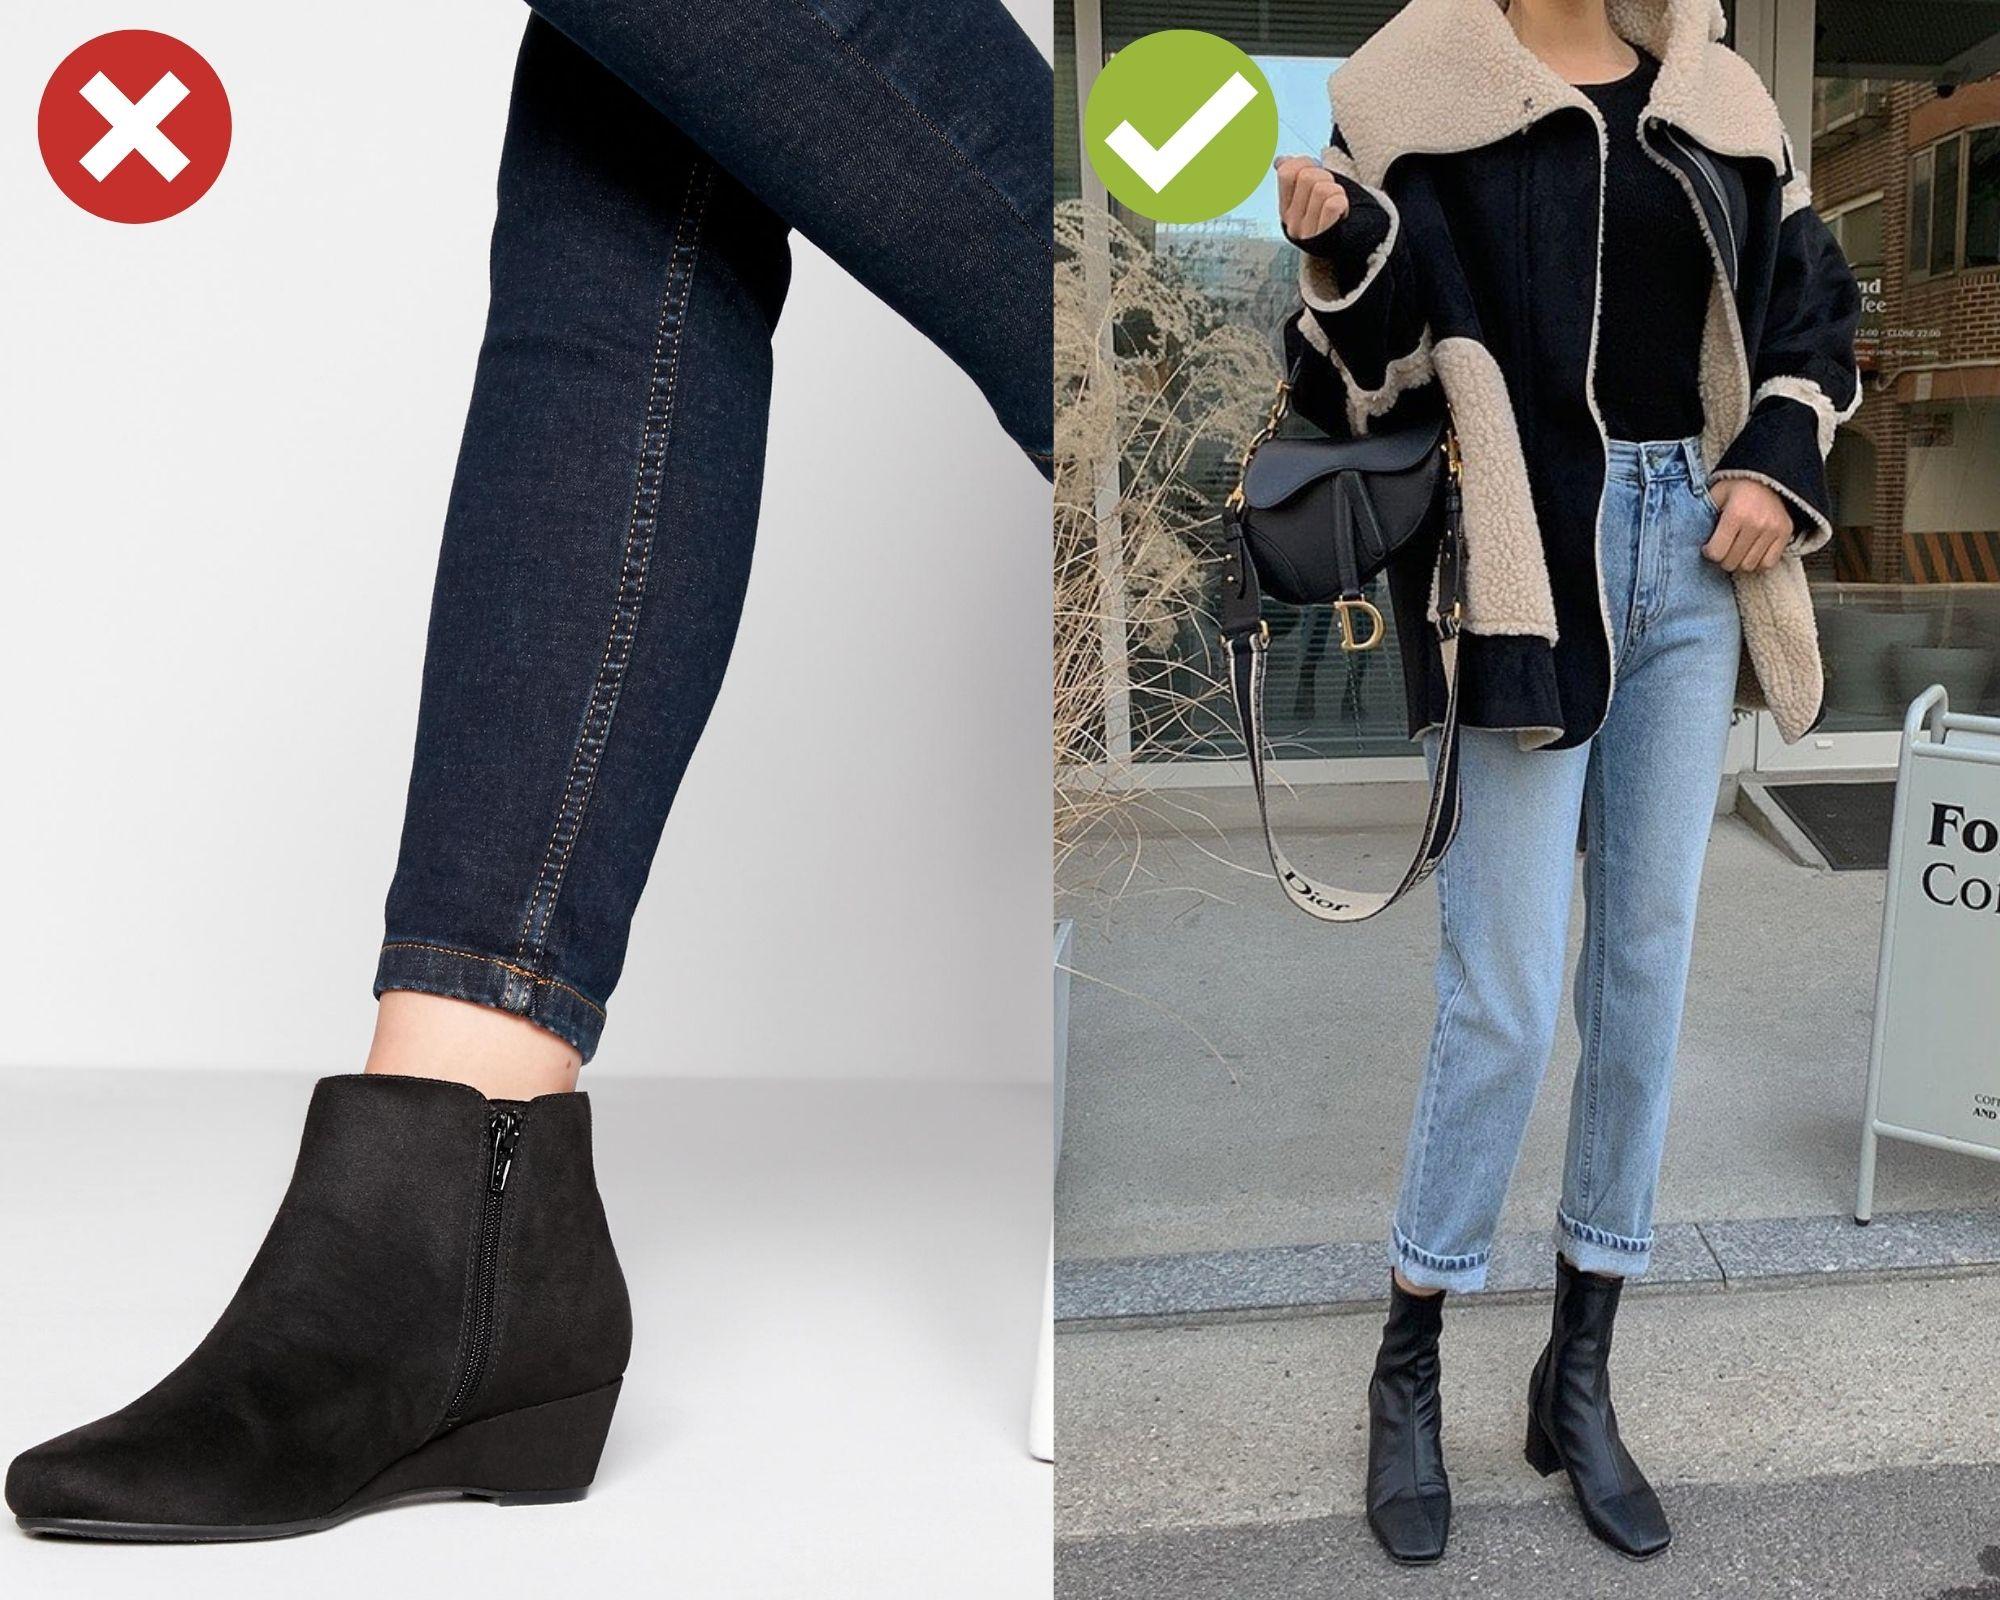 Phải loại ngay 5 mẫu giày dép kém sành điệu này thì style của chị em mới phất lên được - Ảnh 2.